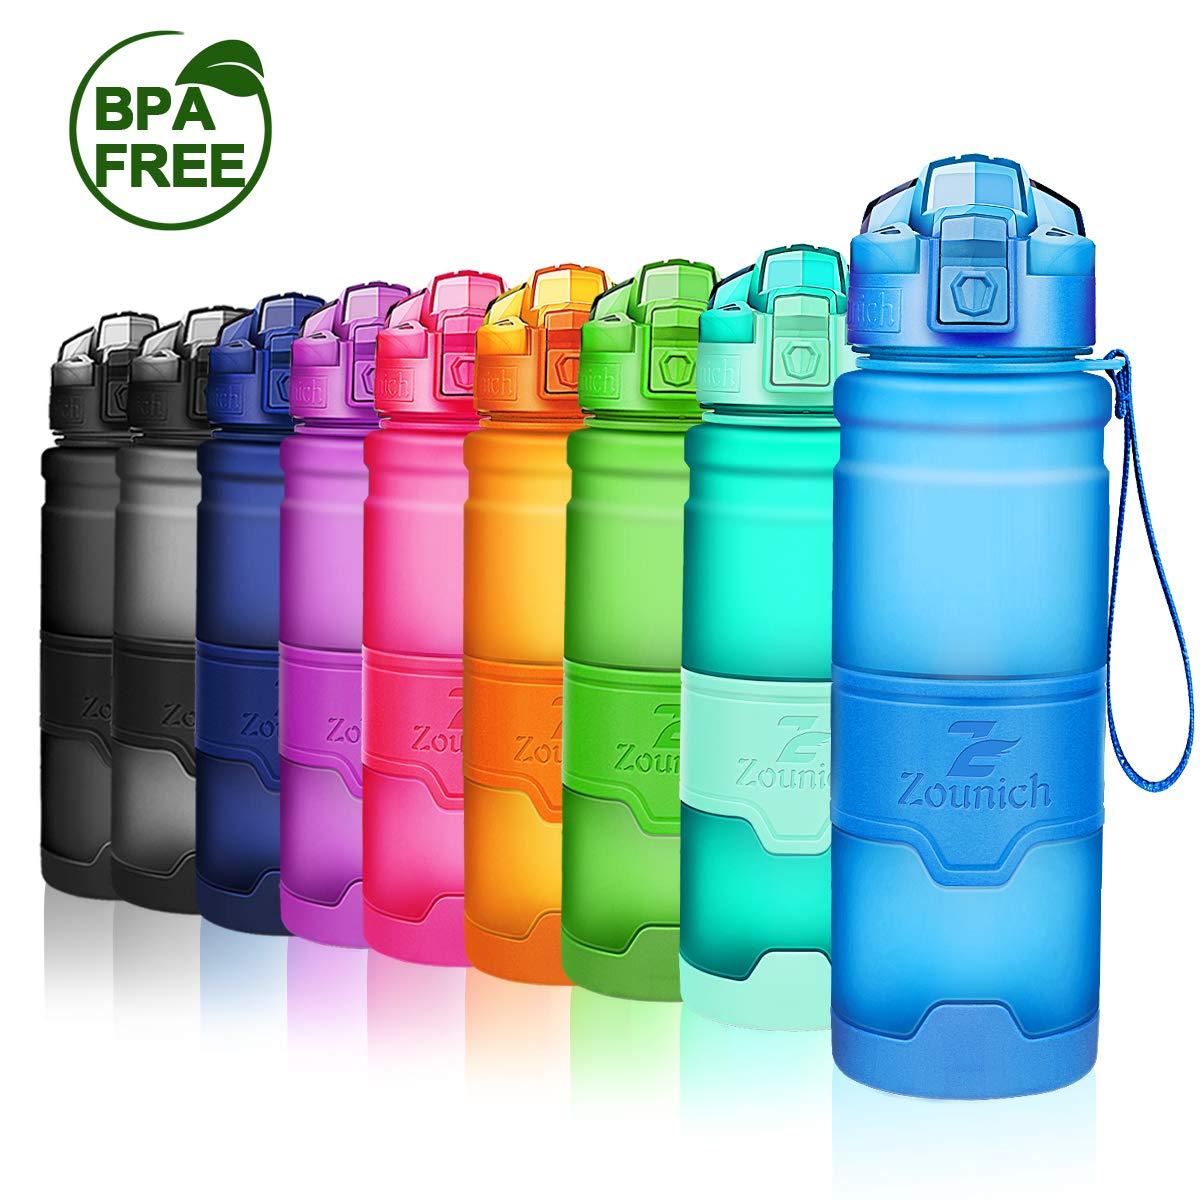 ZOUNICH Sport Leakproof Water Bottle Bpa Free Tritan Plastic 14oz//400ml